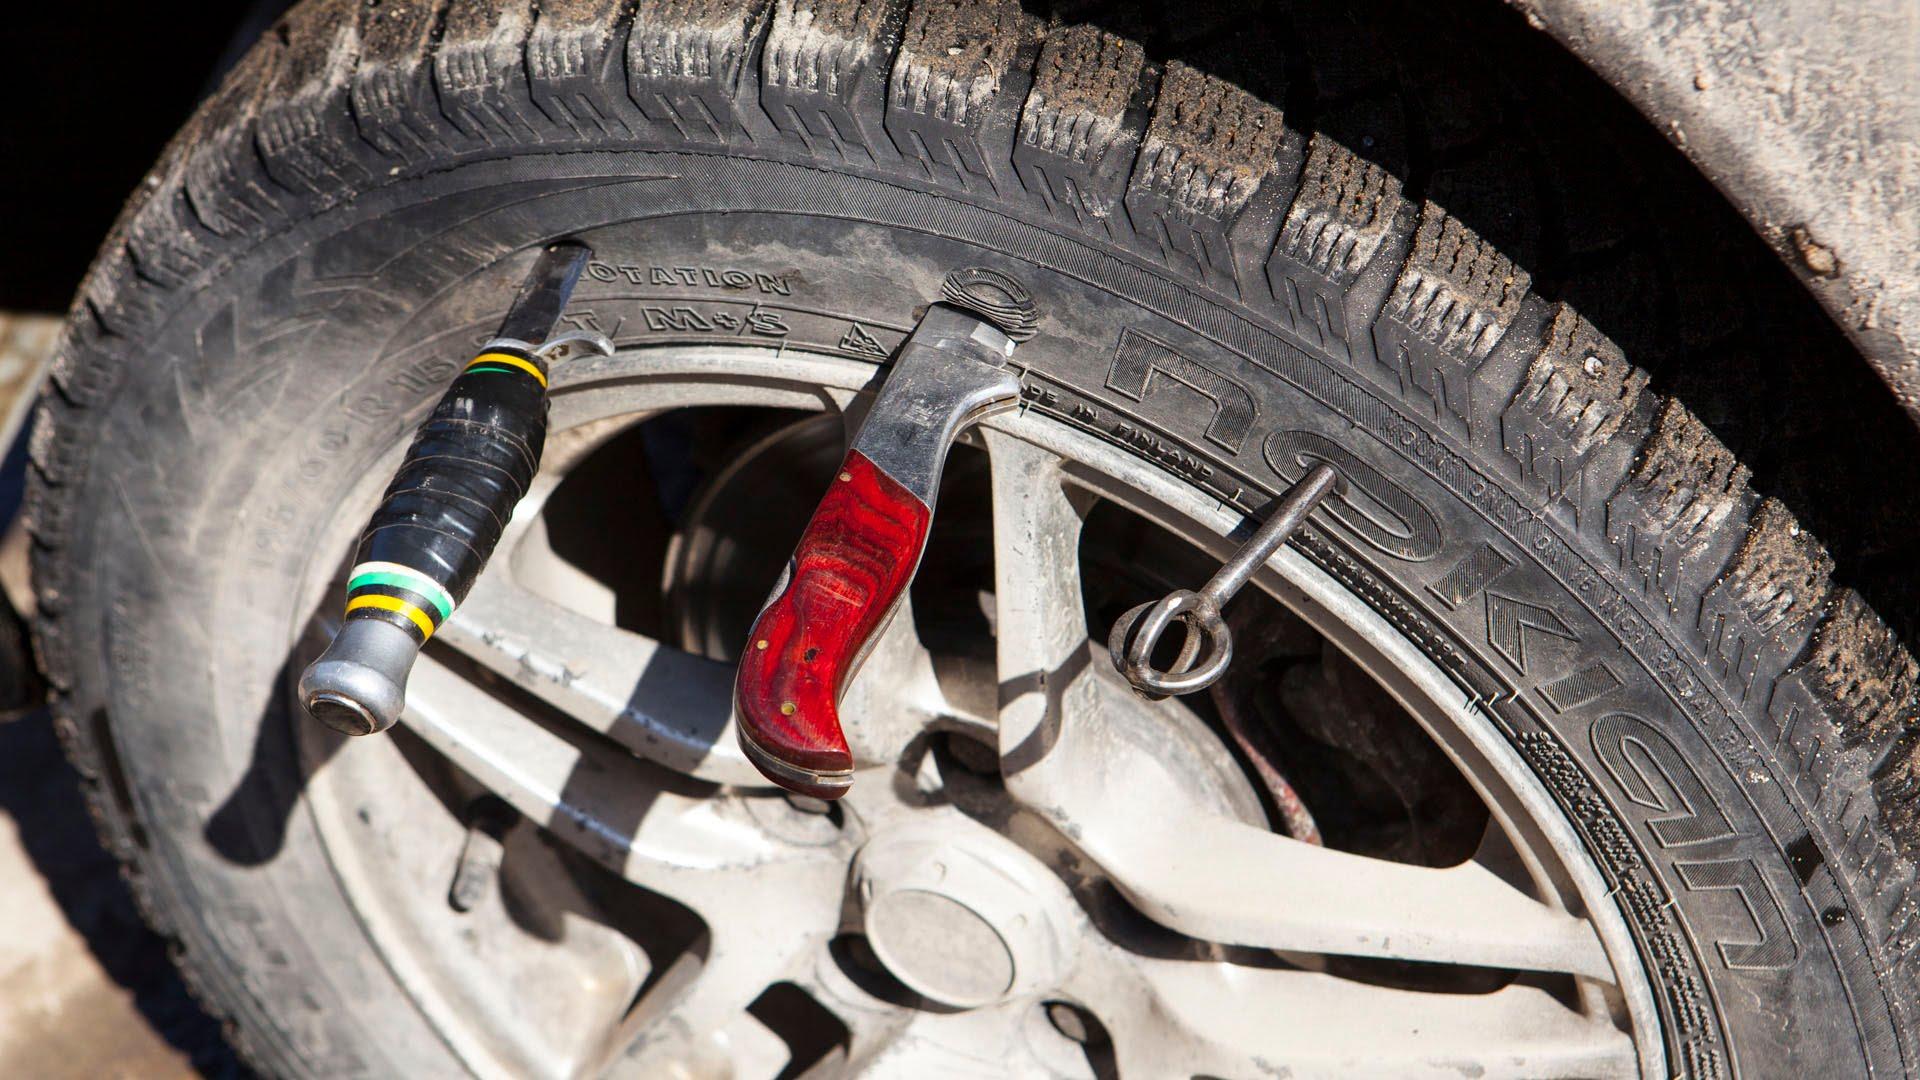 Проколол колесо на бездорожье, что делать